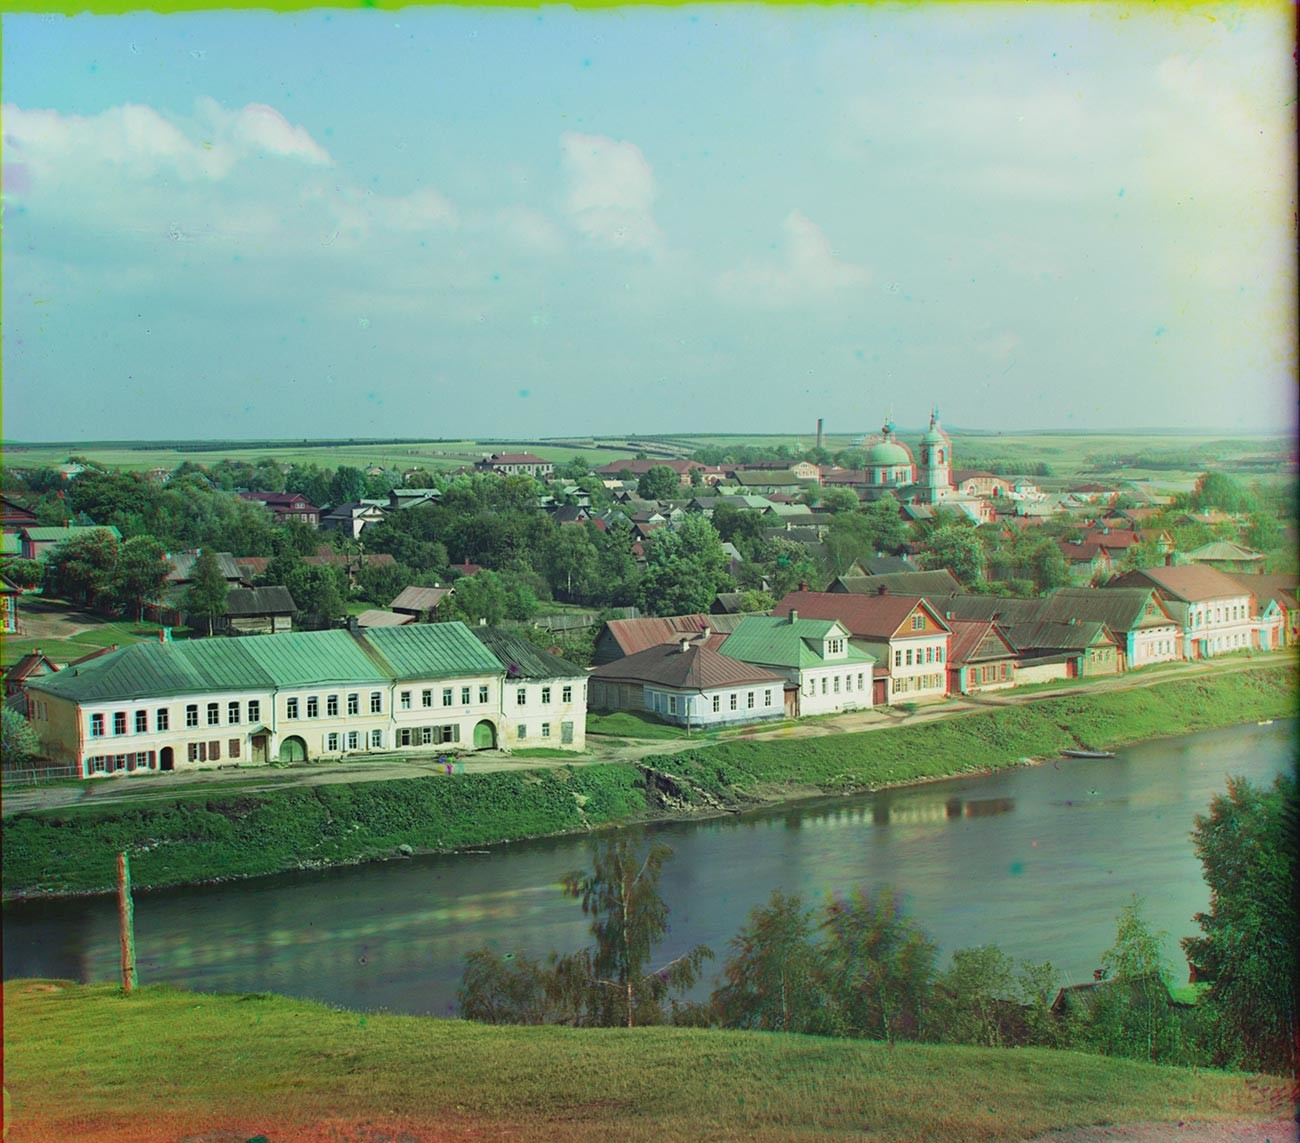 Torzhok. Vista suroeste desde el acantilado que domina el río Tvertsa, cerca del monasterio de los Santos Boris y Gleb. Centro en el horizonte: carretera arbolada de Moscú (ubicación de la finca Znamenskoie-Rayok a la derecha). Verano de 1910.